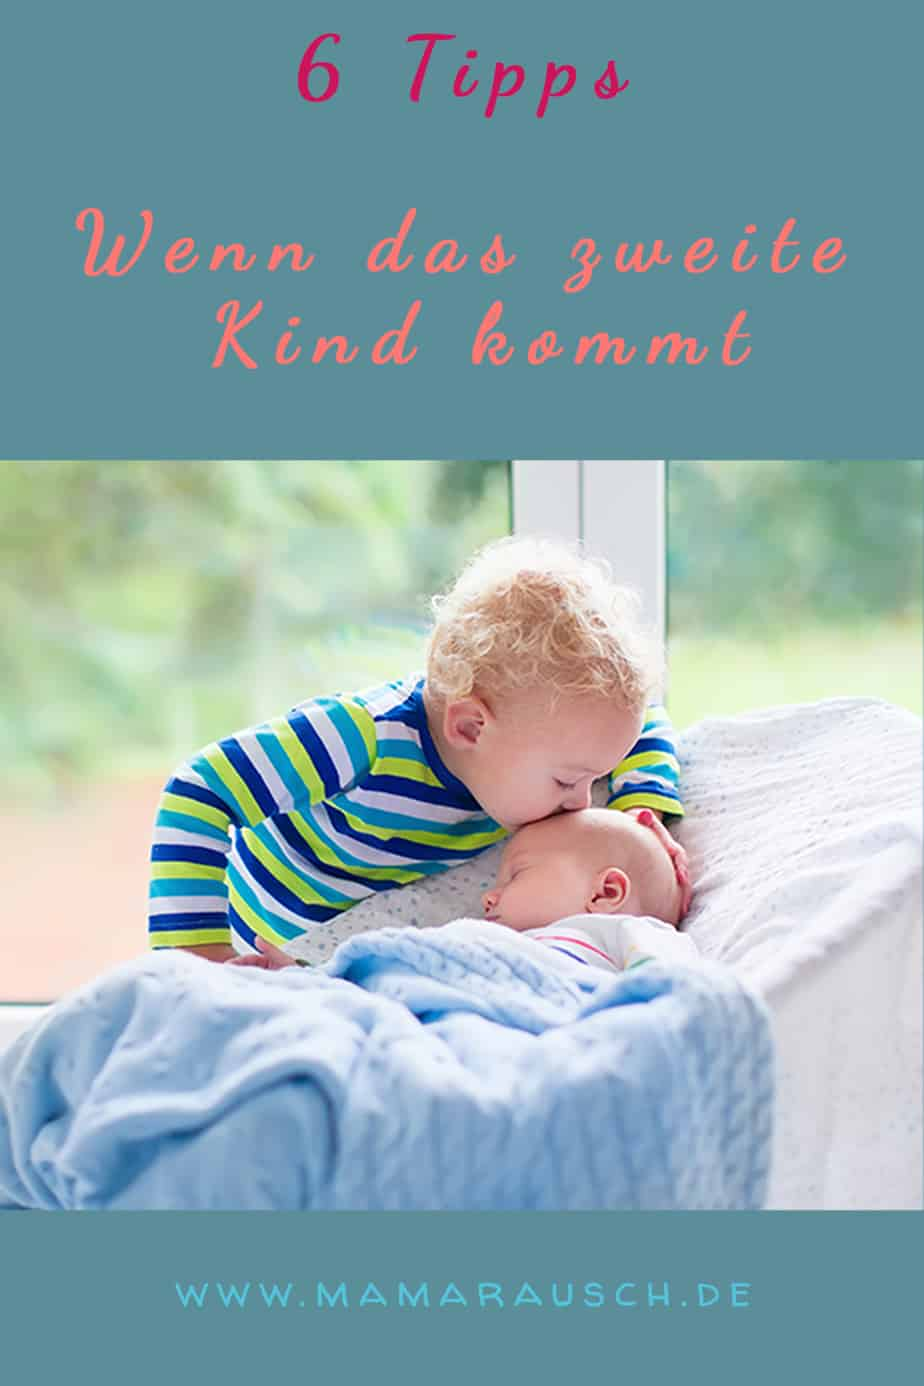 Familie - Wenn das zweite Kind kommt Tipps und Erfahrungen wenn das zweite Kind kommt. Wie kann ich mein Kind auf ein Geschwisterchen vorbereiten? Wie anders ist die zweite Schwangerschaft?